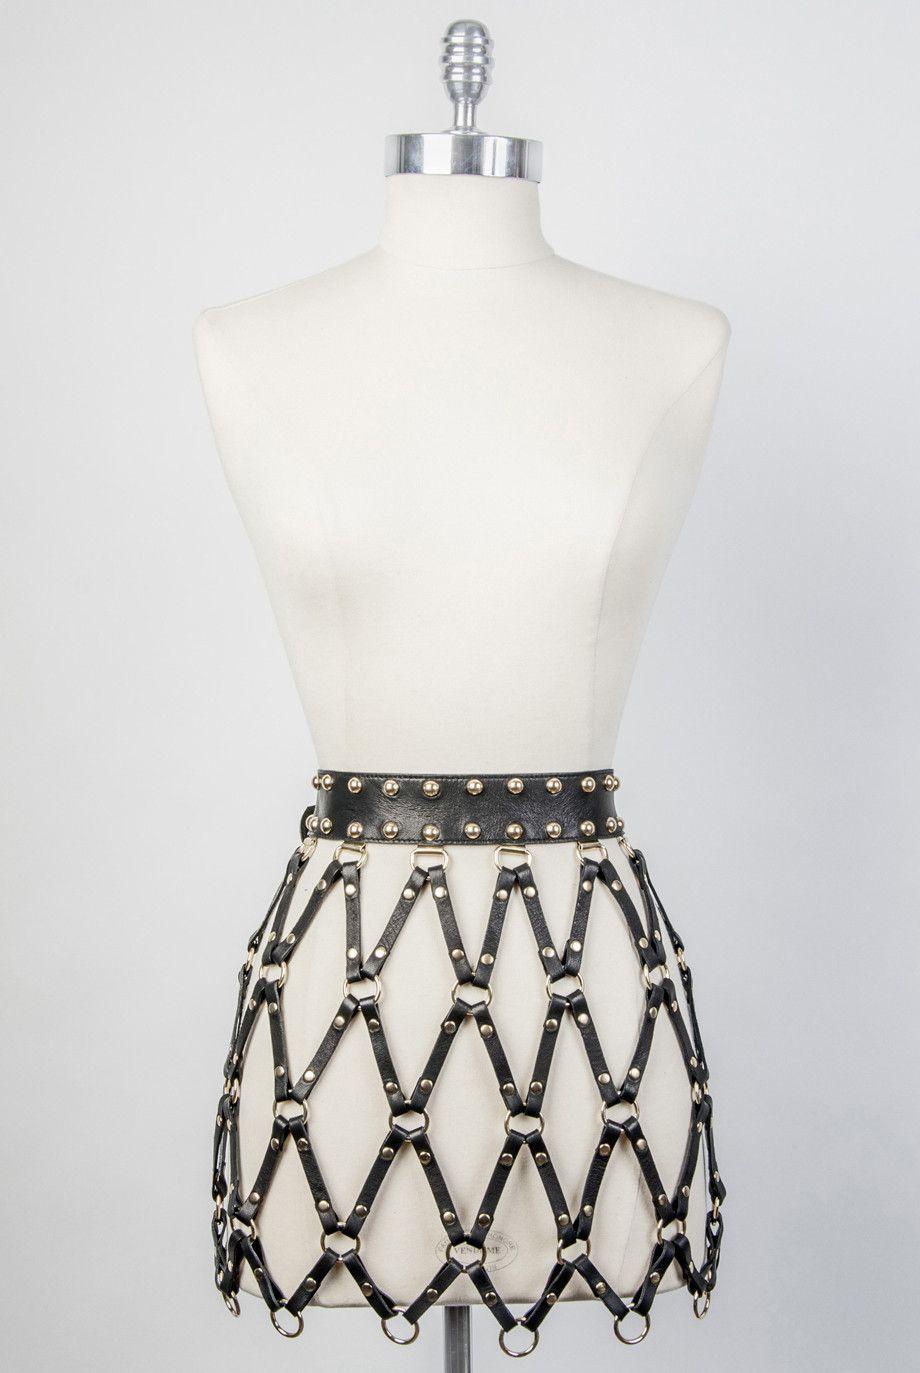 485b432dac FW15 Diamante Belted Skirt – Zana Bayne